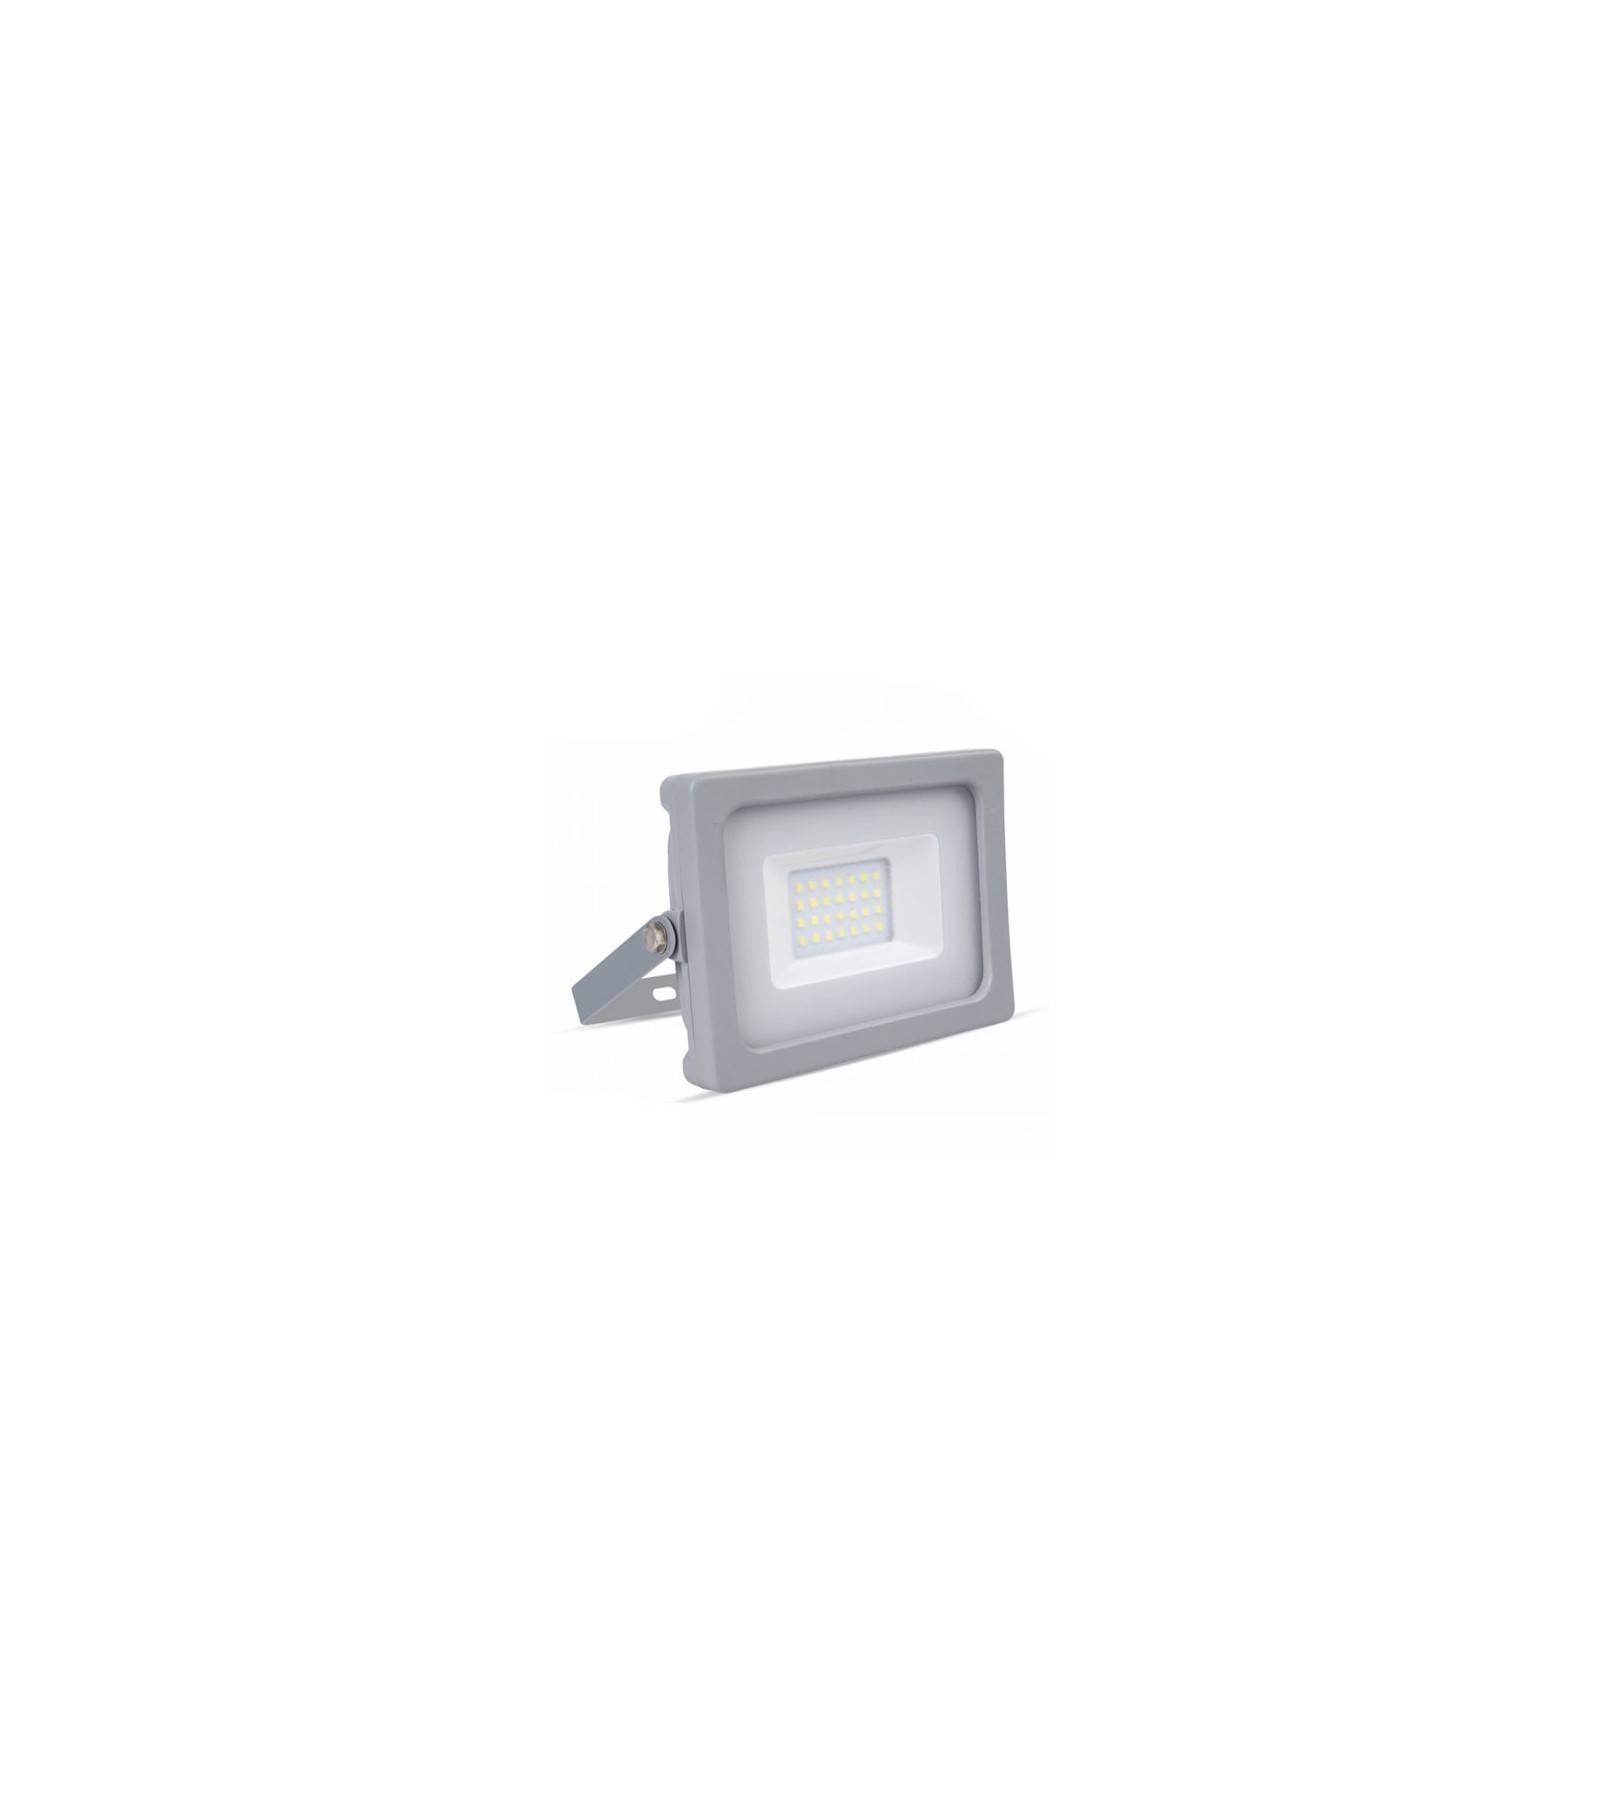 V-TAC Projecteur LED SMD 20W rendu 100W Blanc chaud 3000K ref 5703 par V-TAC - VT-4922-5798